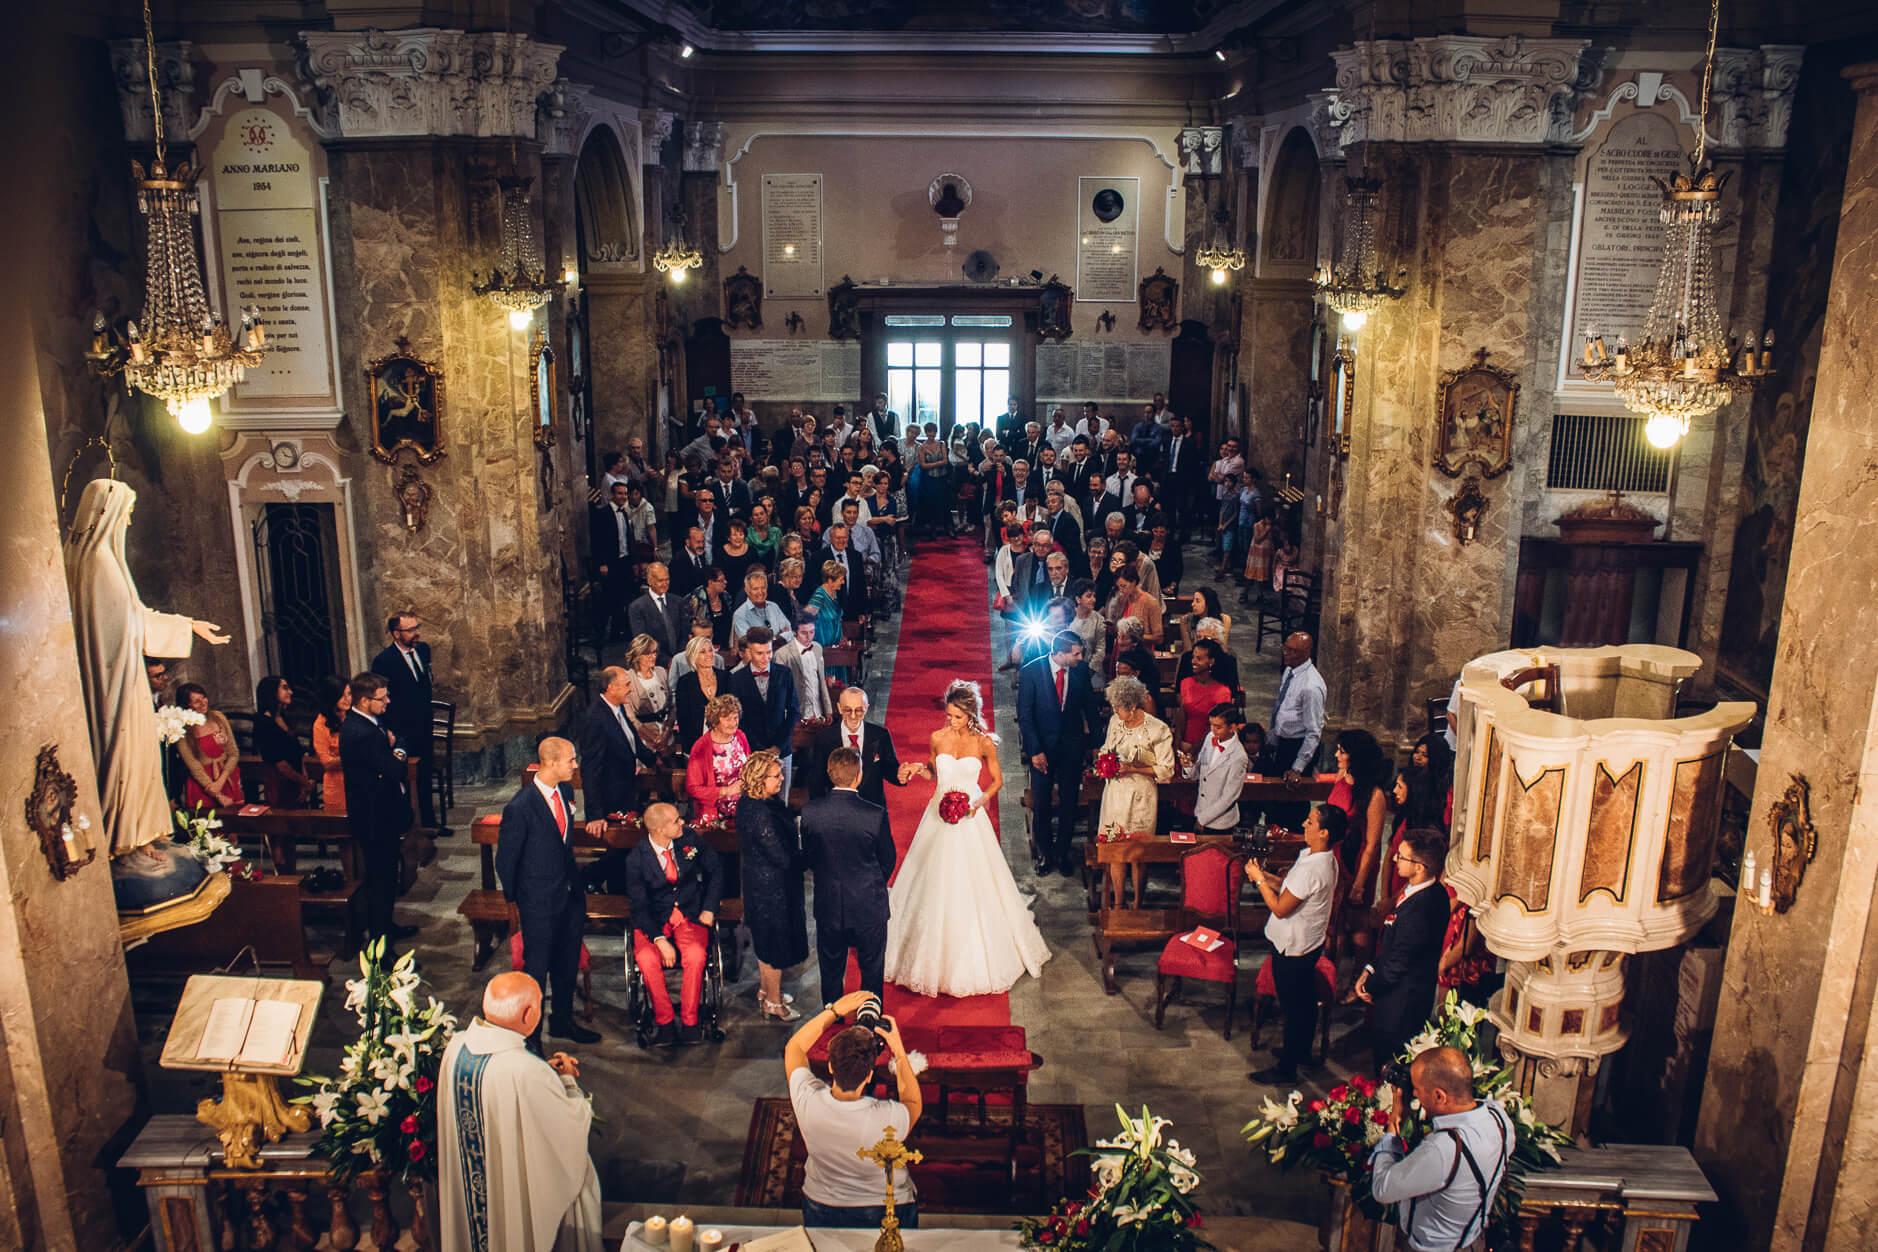 Chiesa di san giacomo apostolo la loggia joyphotographers for Carretta arredamenti torino